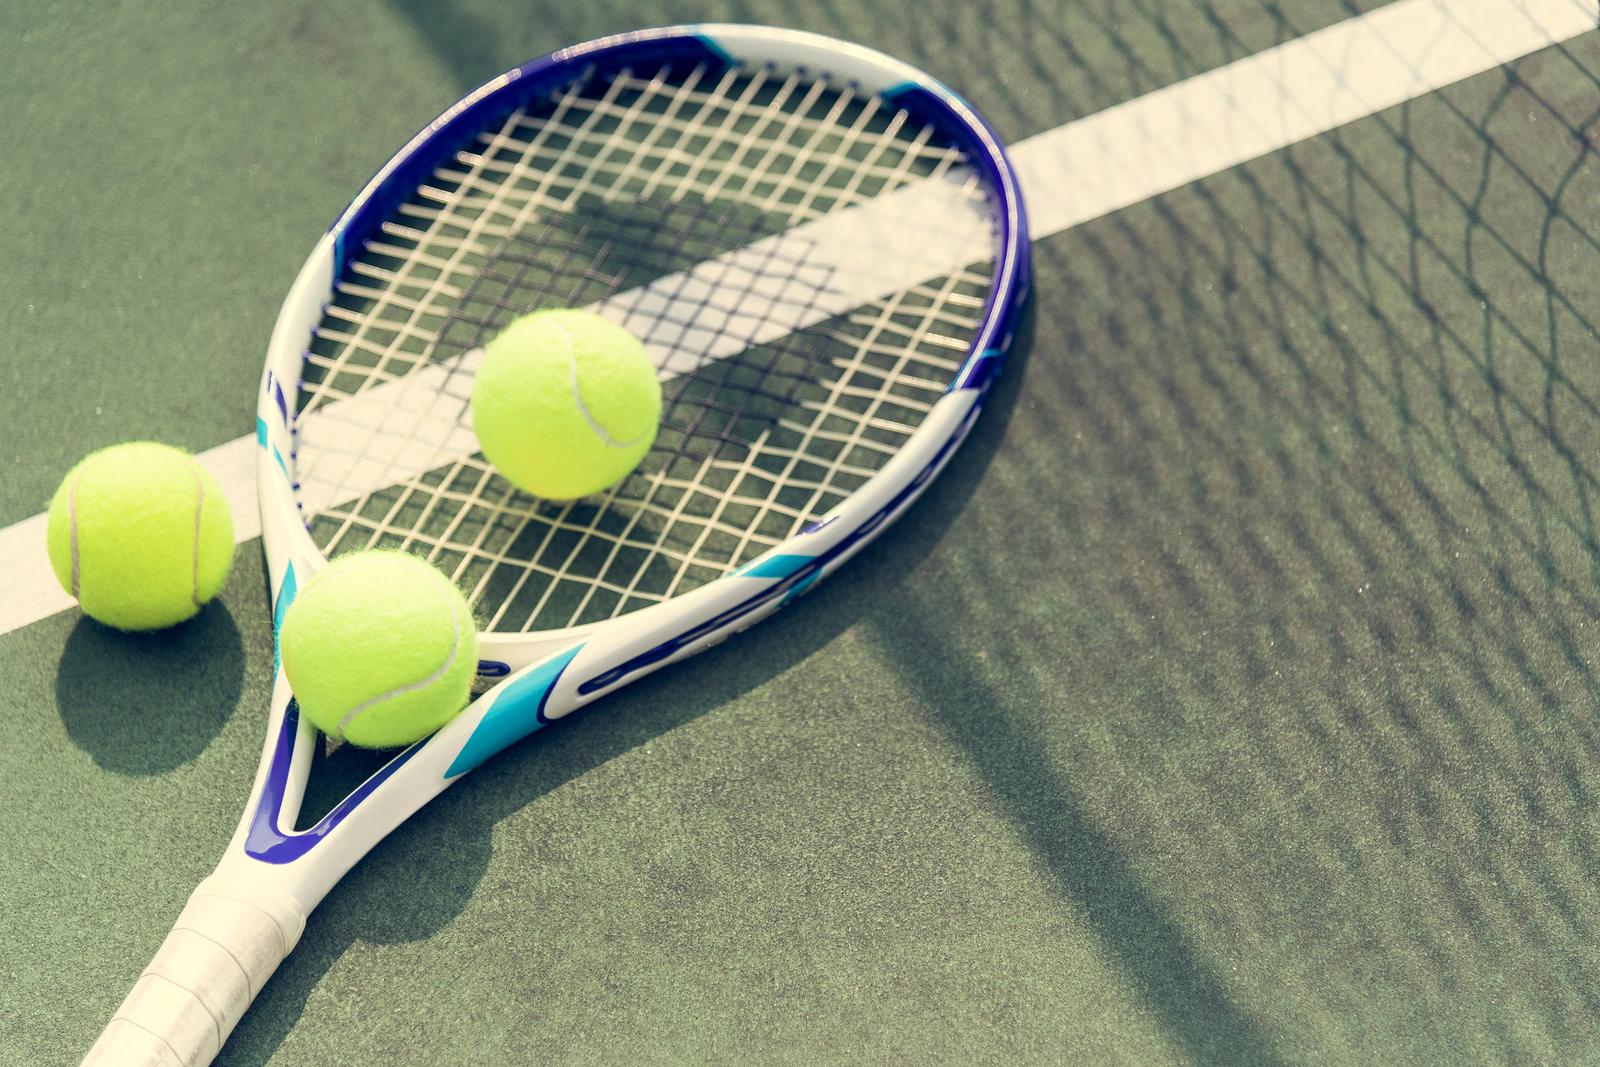 Tennis balls on a tennis court_1535218266664